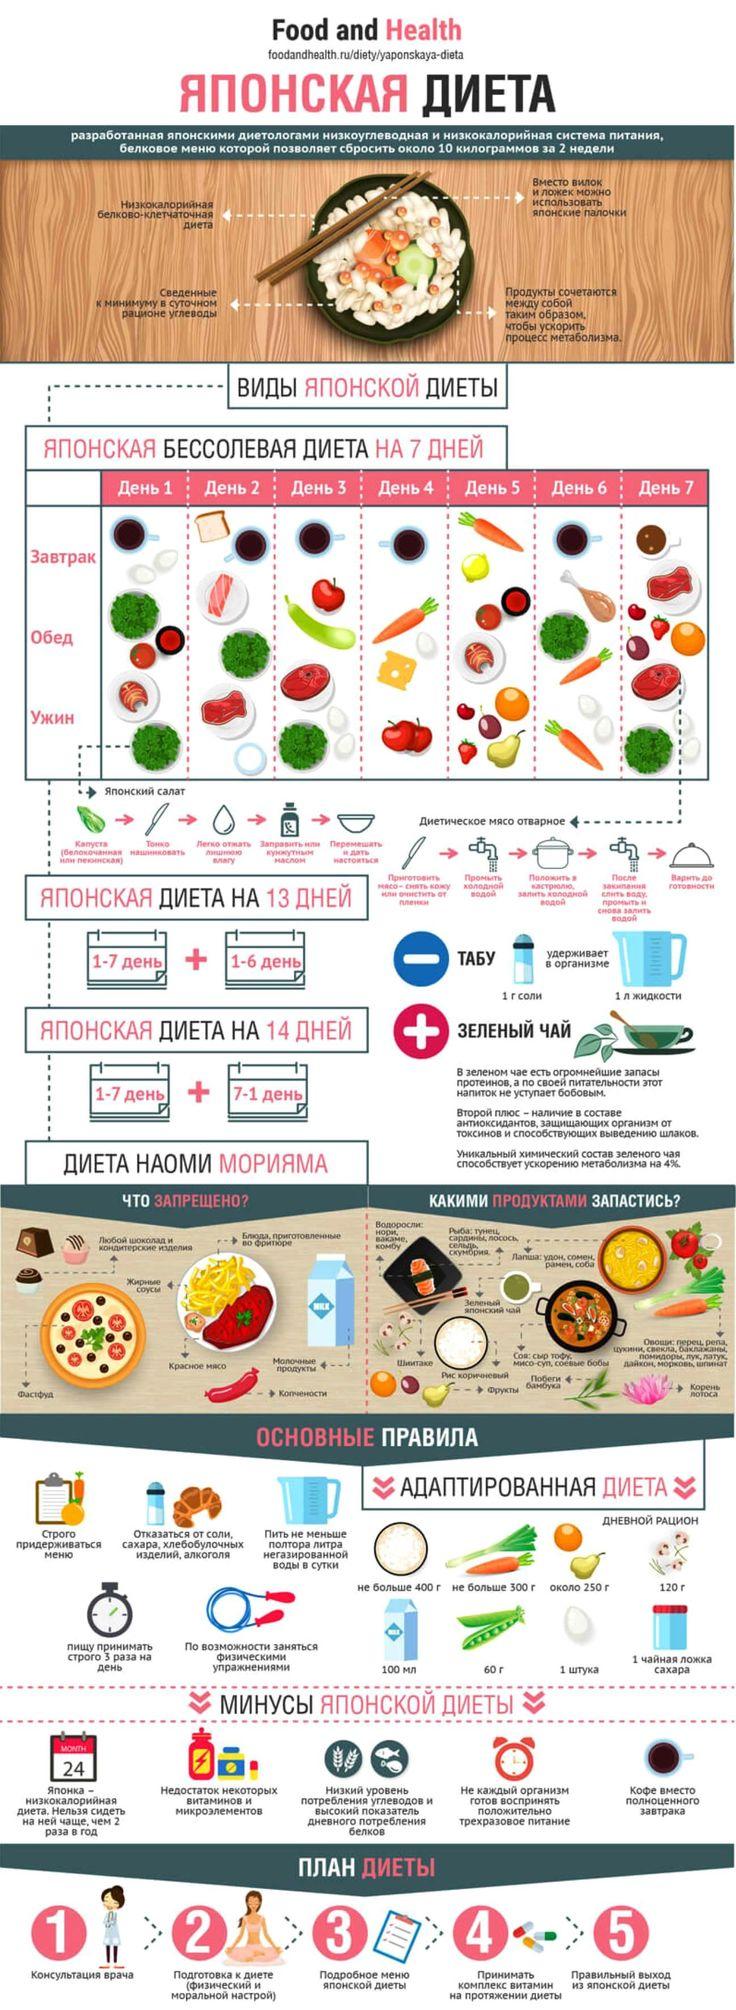 Японская Диета Полезно. Японская диета на 14 дней: восточный взгляд на стройность